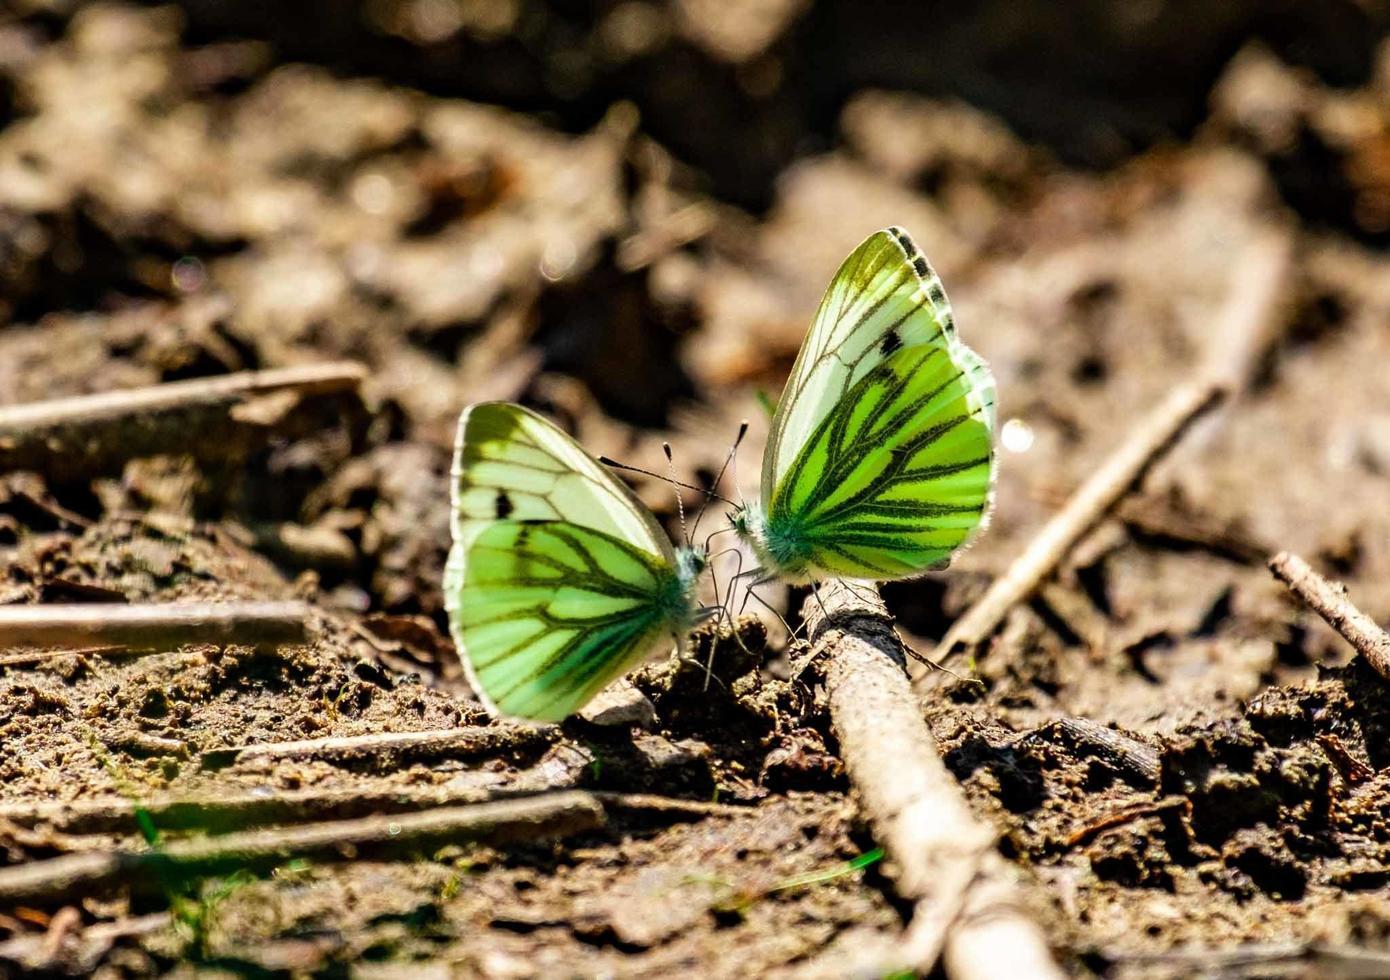 duas borboletas de asas verdes se encontram em um galho foto